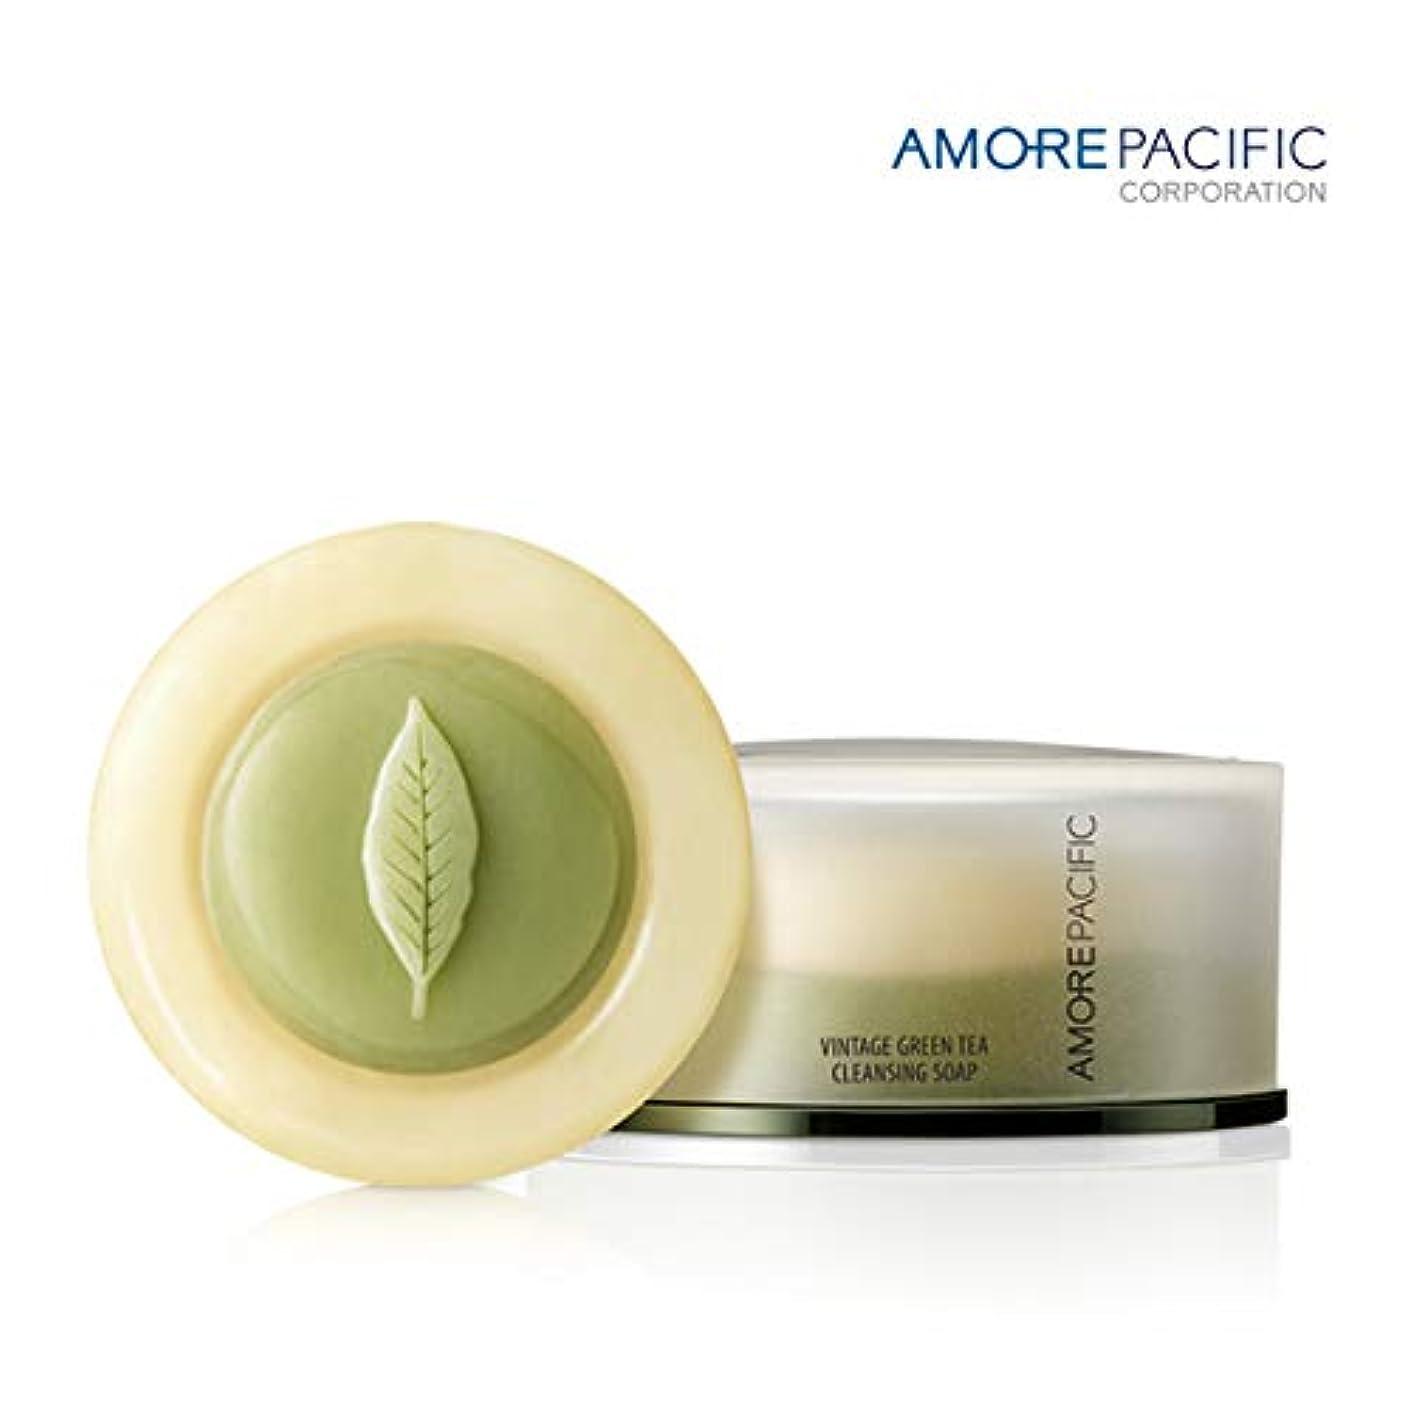 意外虚偽ステッチアモーレパシフィック(AMOREPACIFIC)トリートメント クレンジング ソープ (Treatment Cleansing Soap)140g